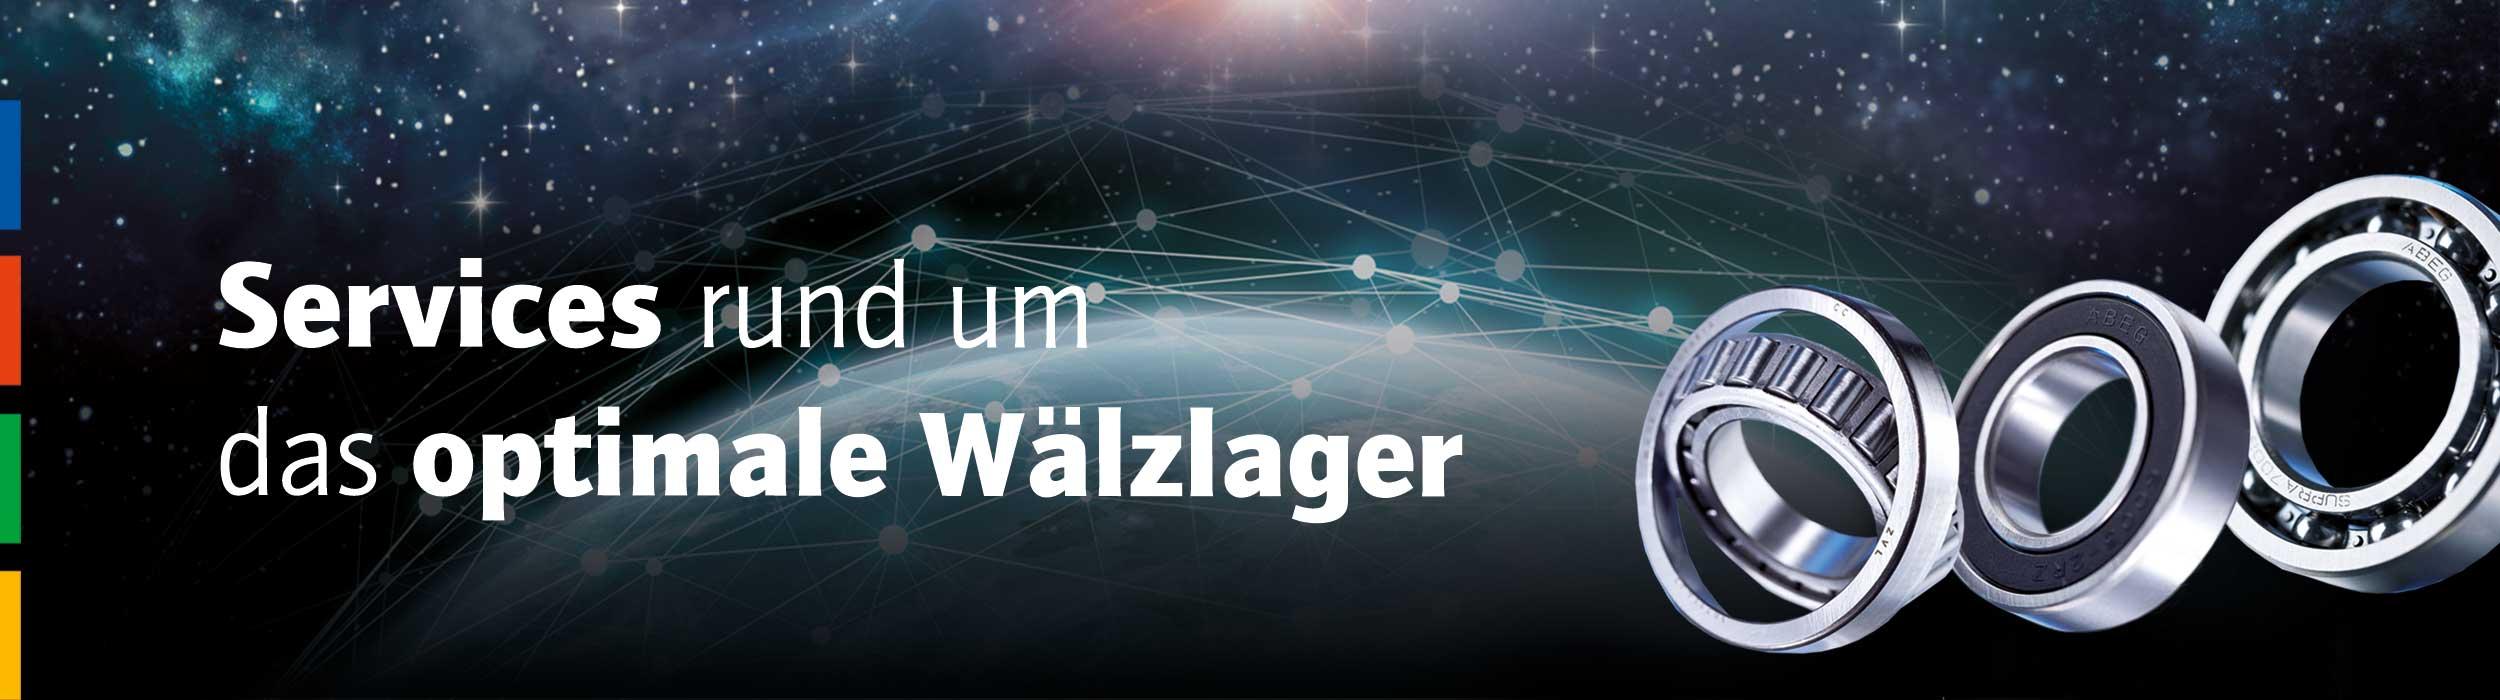 Findling Wälzlager GmbH - Services rund um das optimale Wälzlager